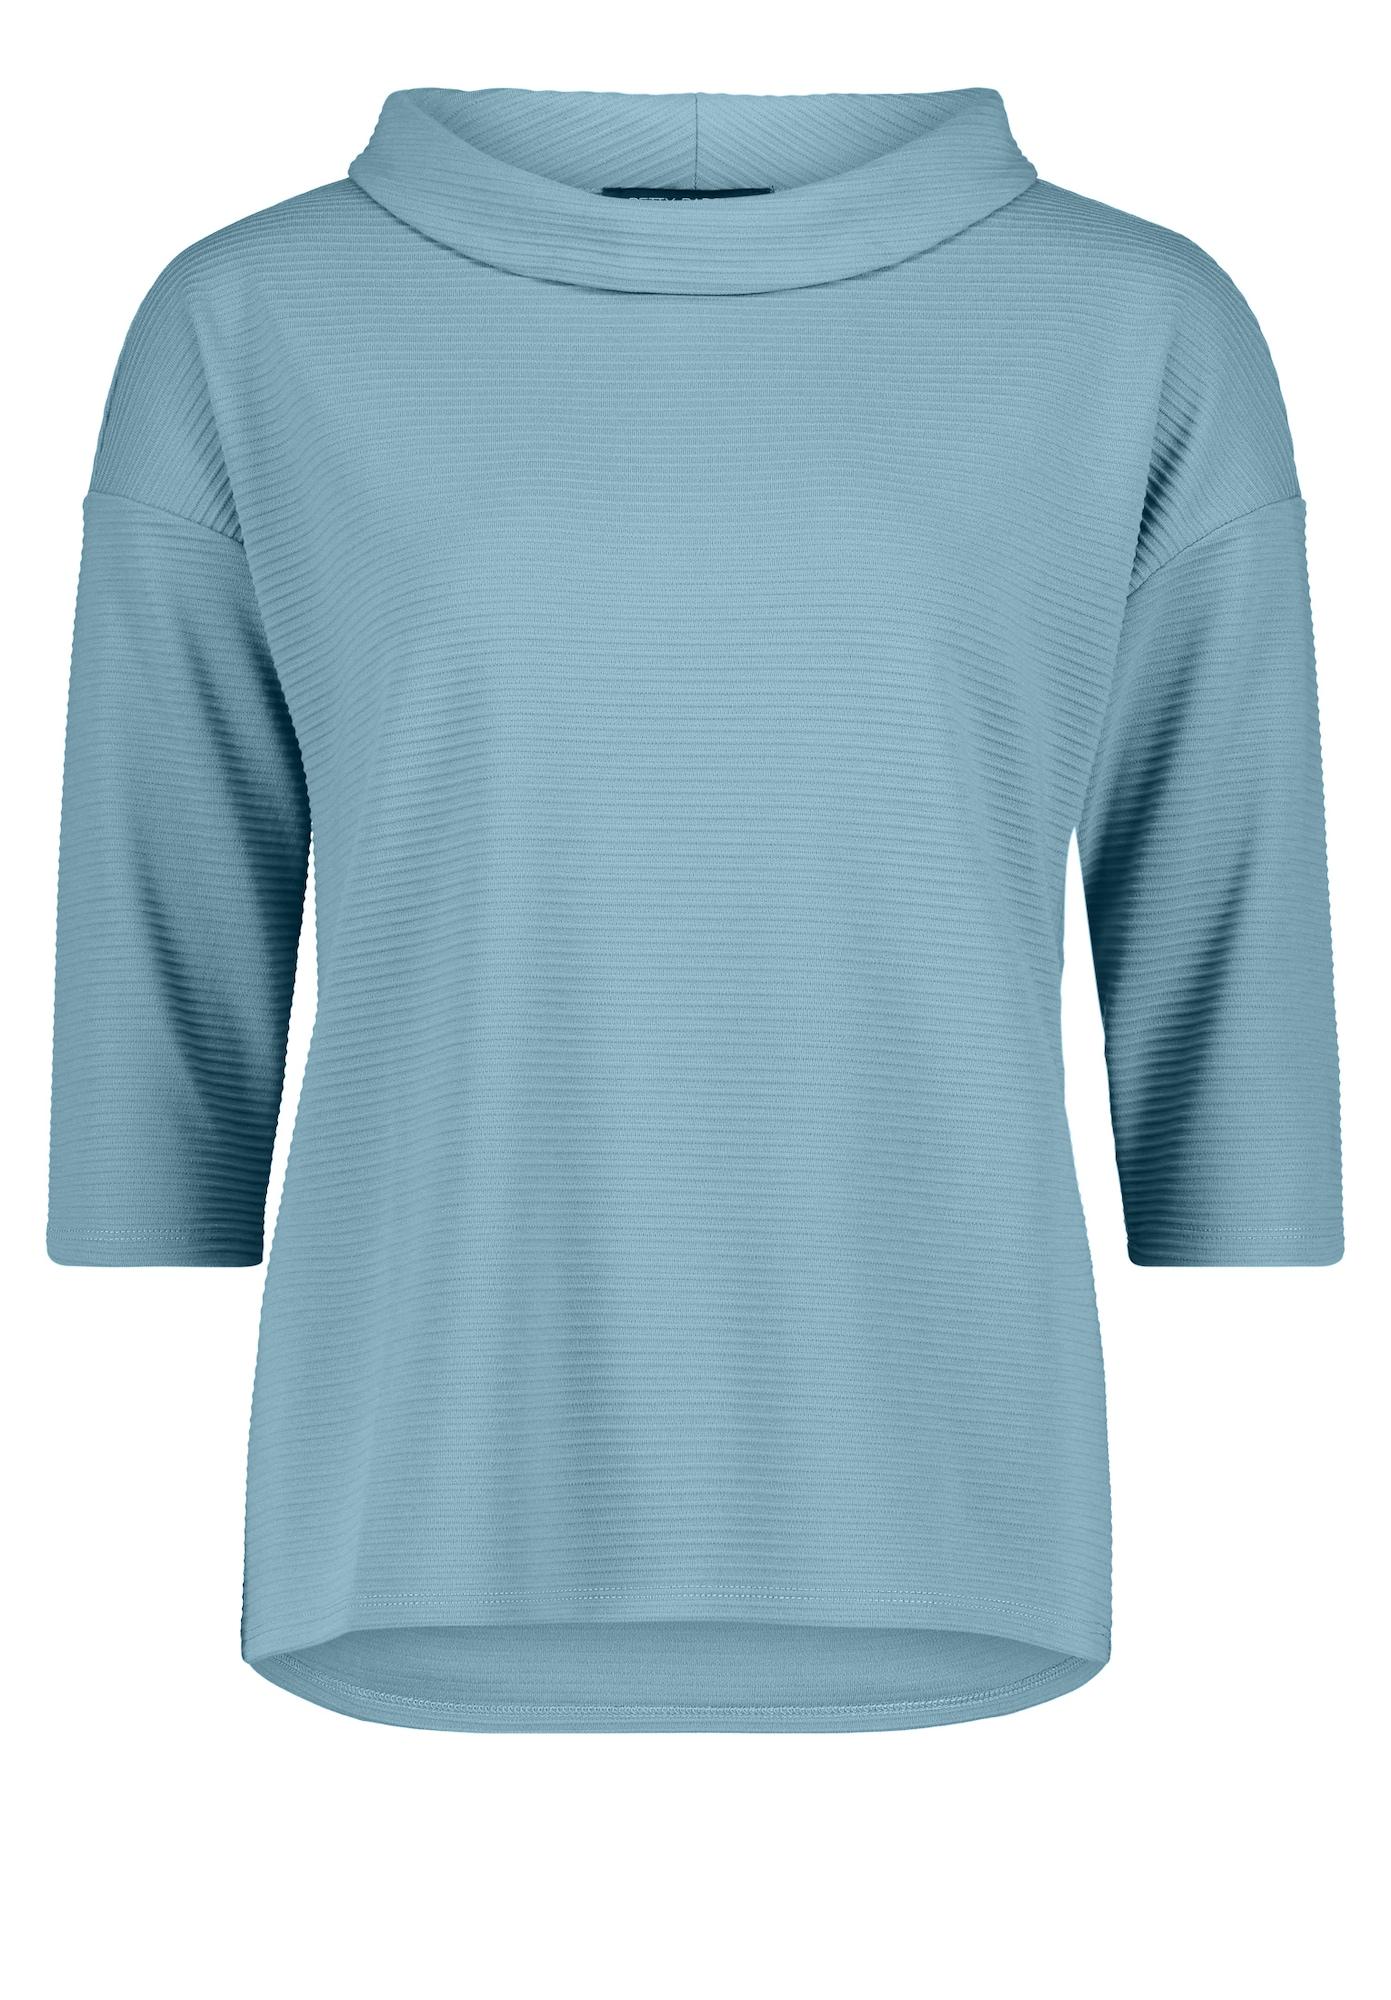 Sweatshirt | Bekleidung > Sweatshirts & -jacken > Sweatshirts | Betty Barclay